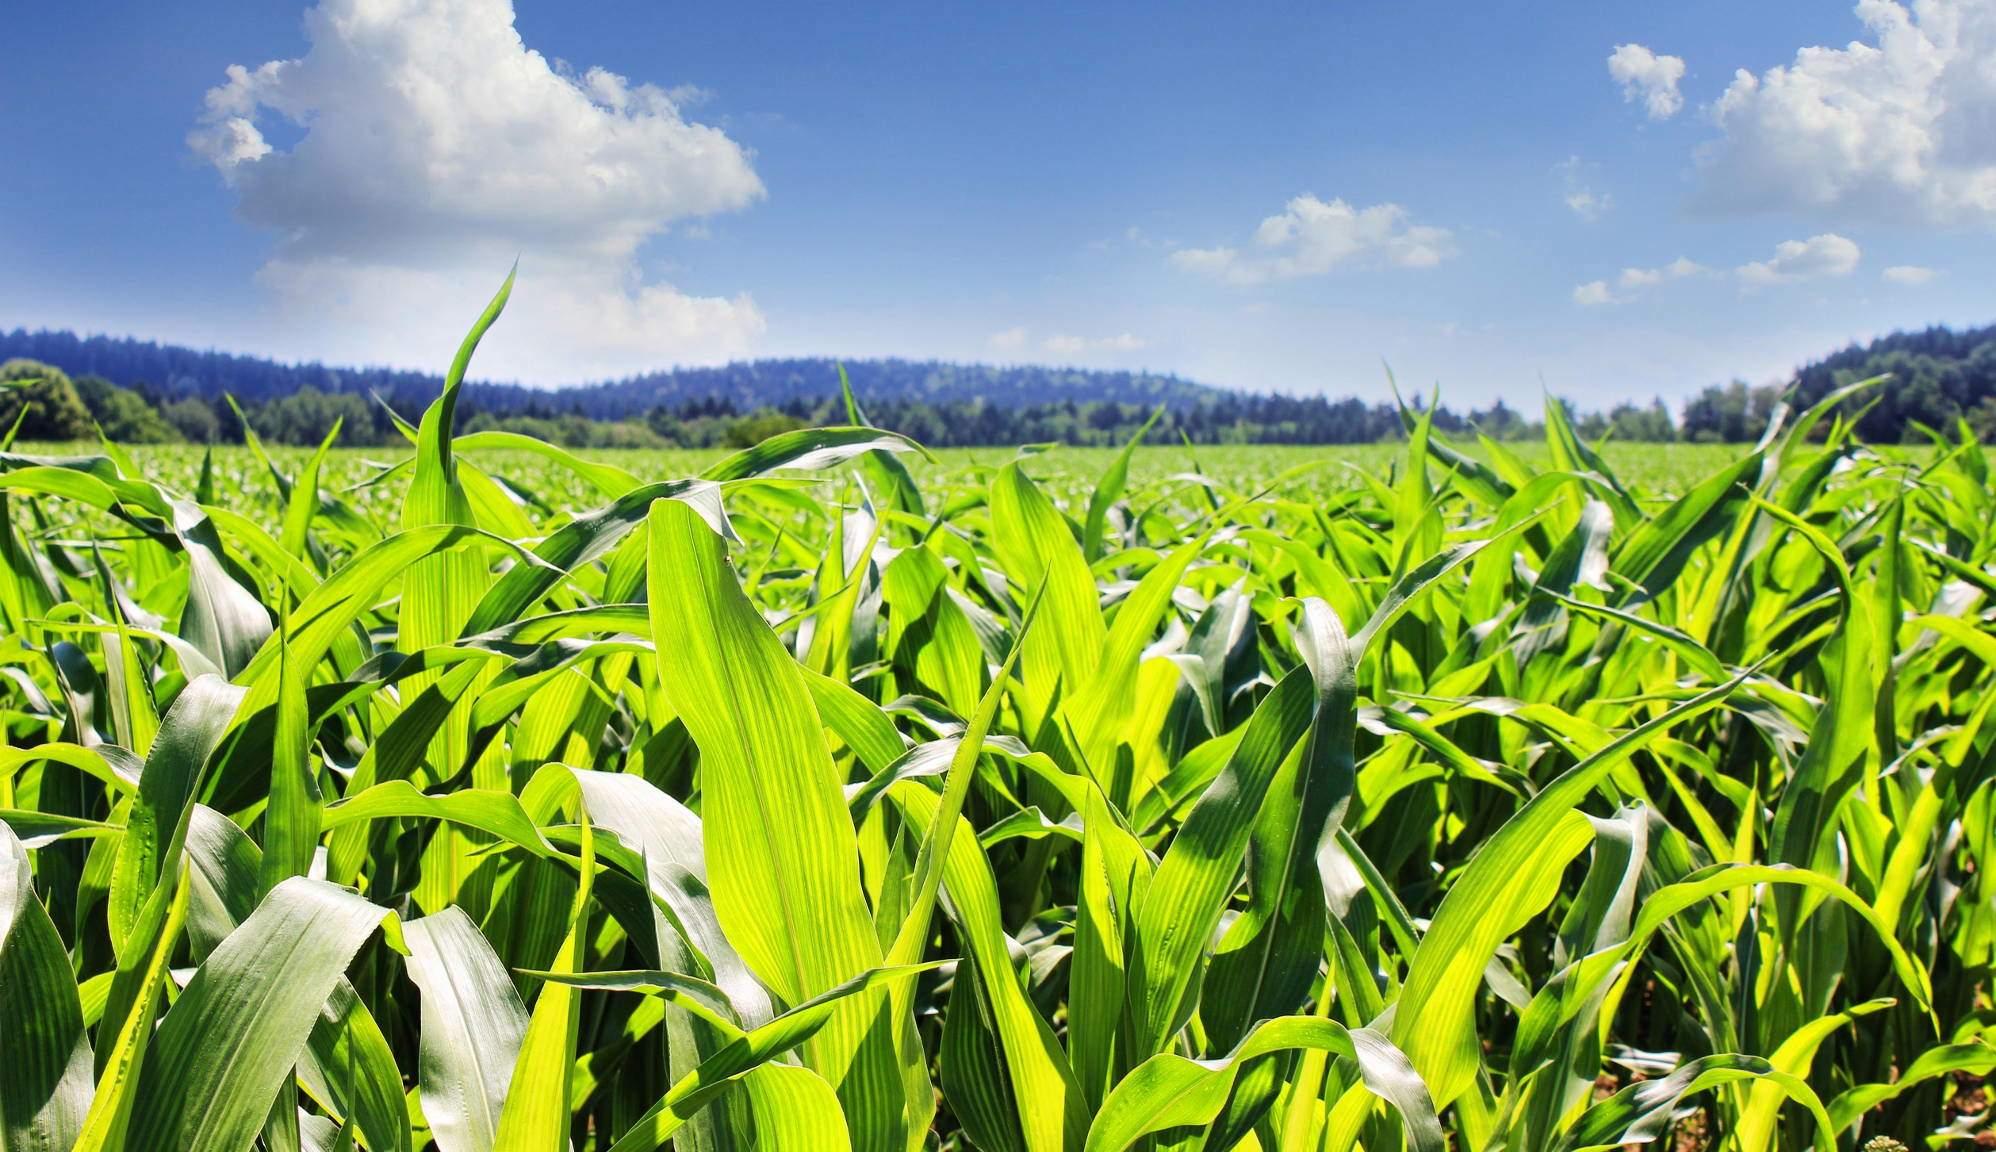 кто фото кукурузы на поле индюков считается одним